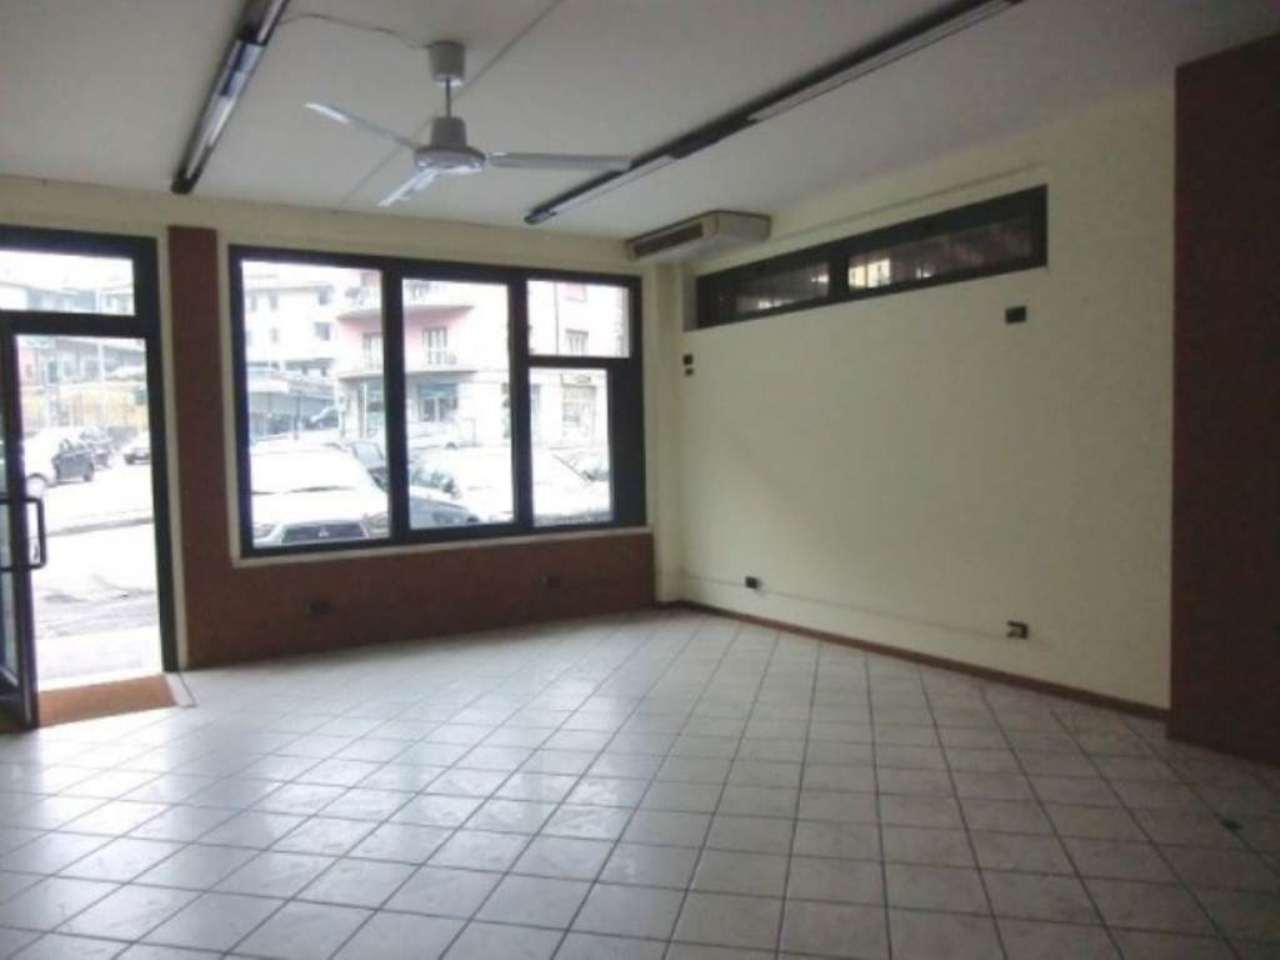 Negozio / Locale in vendita a Gardone Val Trompia, 2 locali, Trattative riservate | Cambio Casa.it